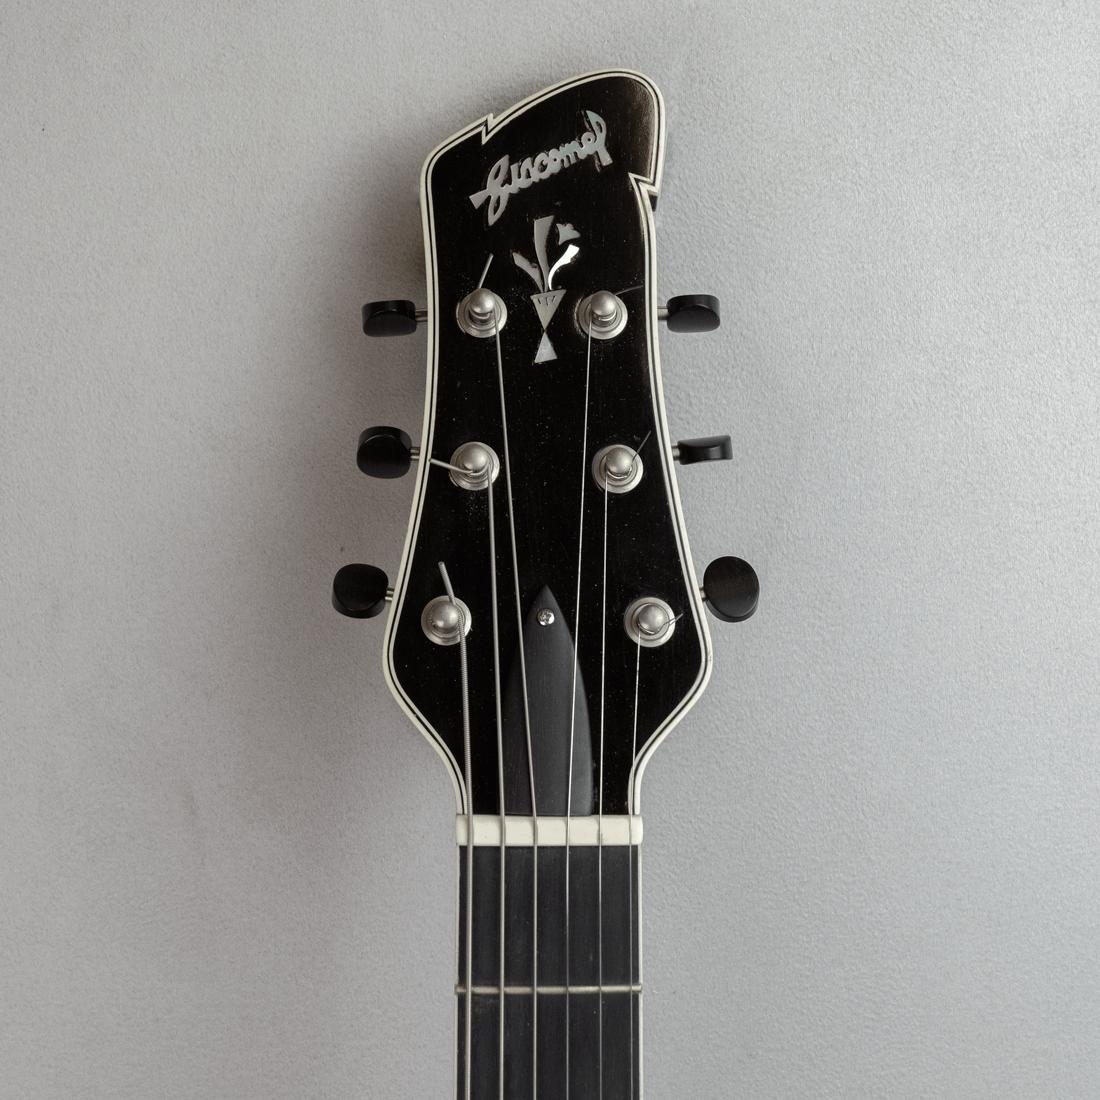 guitar standard jazz headstock